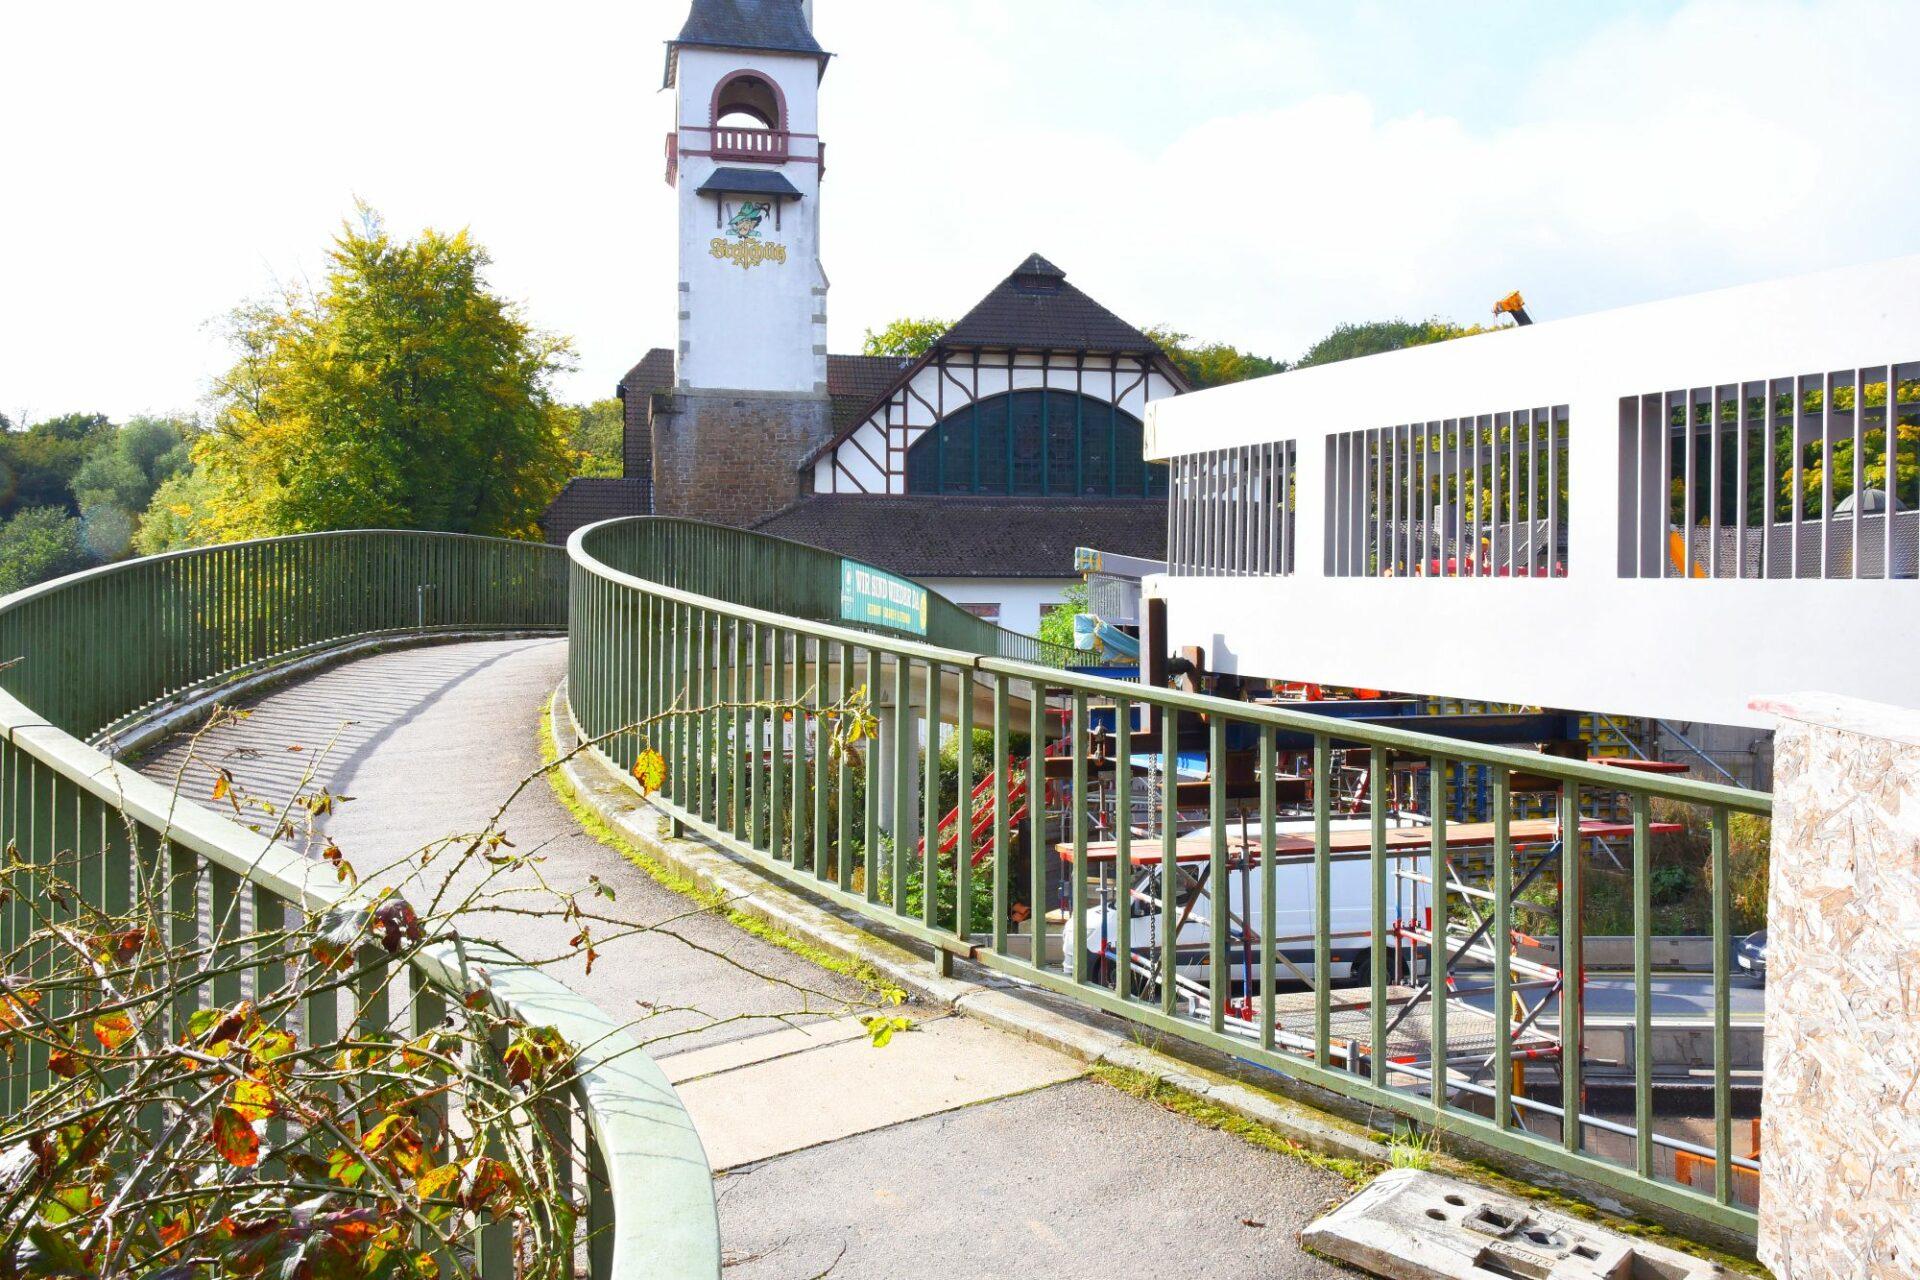 Brückenbauarbeiten: B236 wird an zwei Wochenenden voll gesperrt